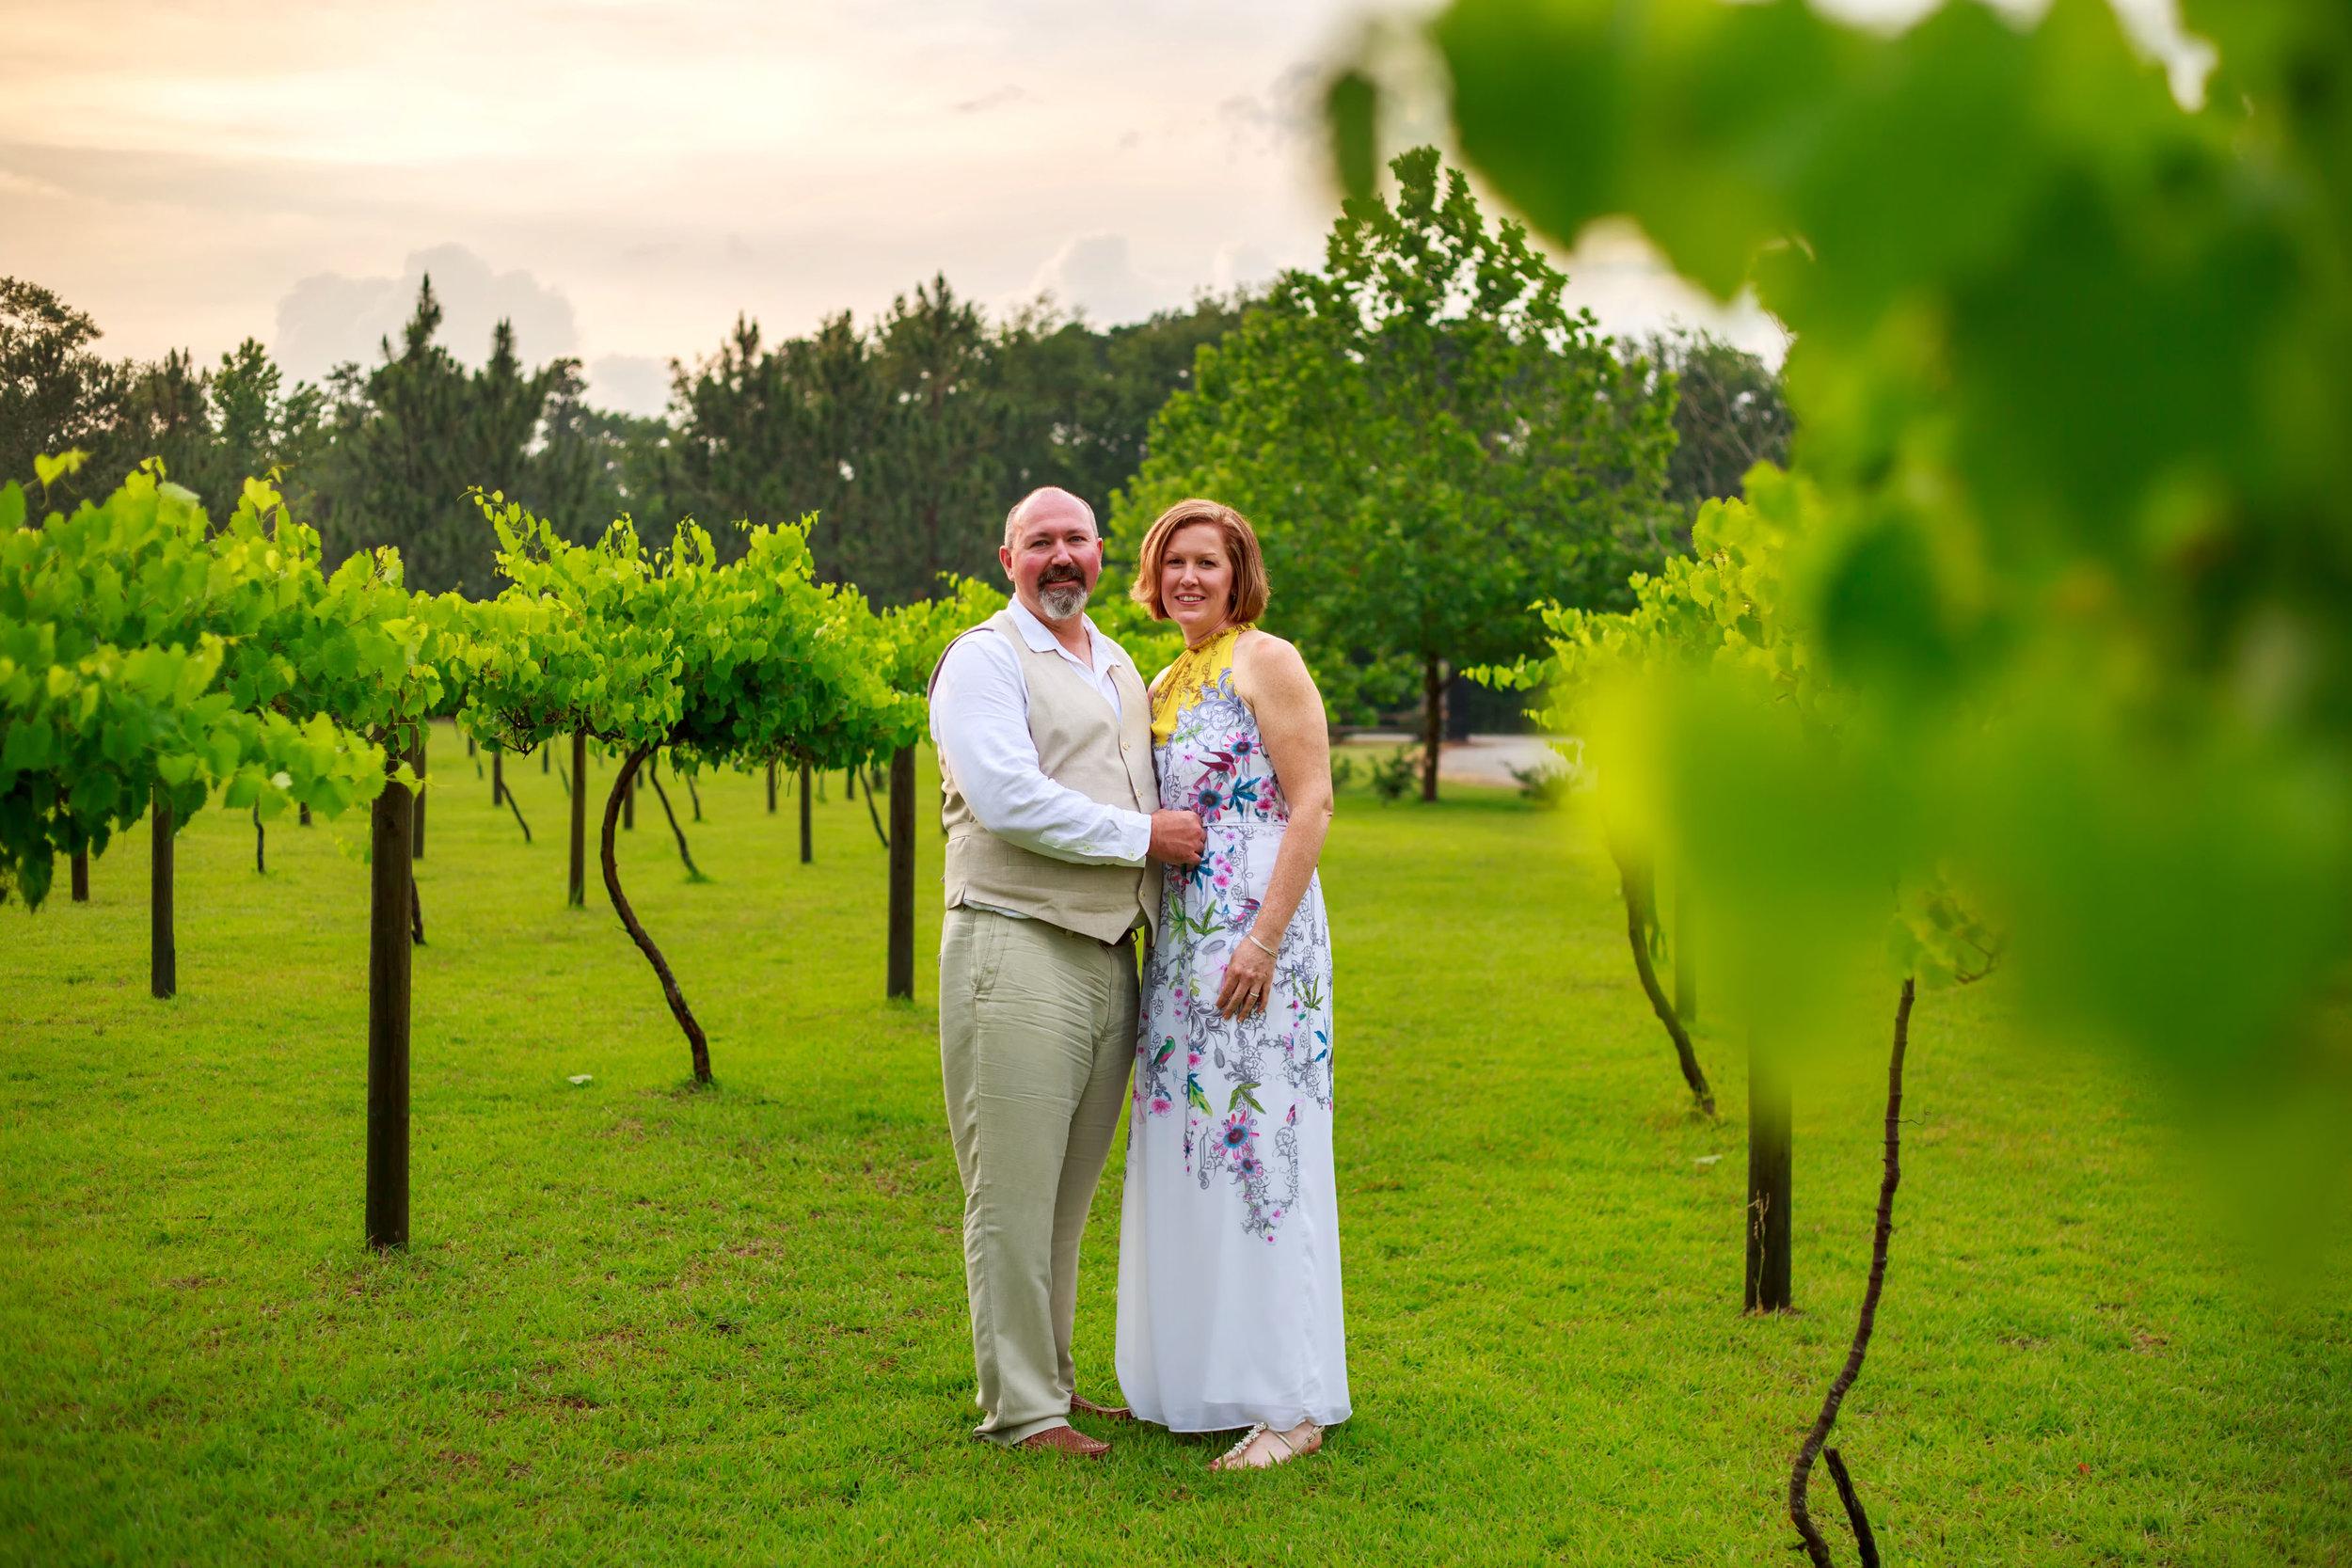 NC-Wedding-Cape-Fear-Vineyard-106.jpg